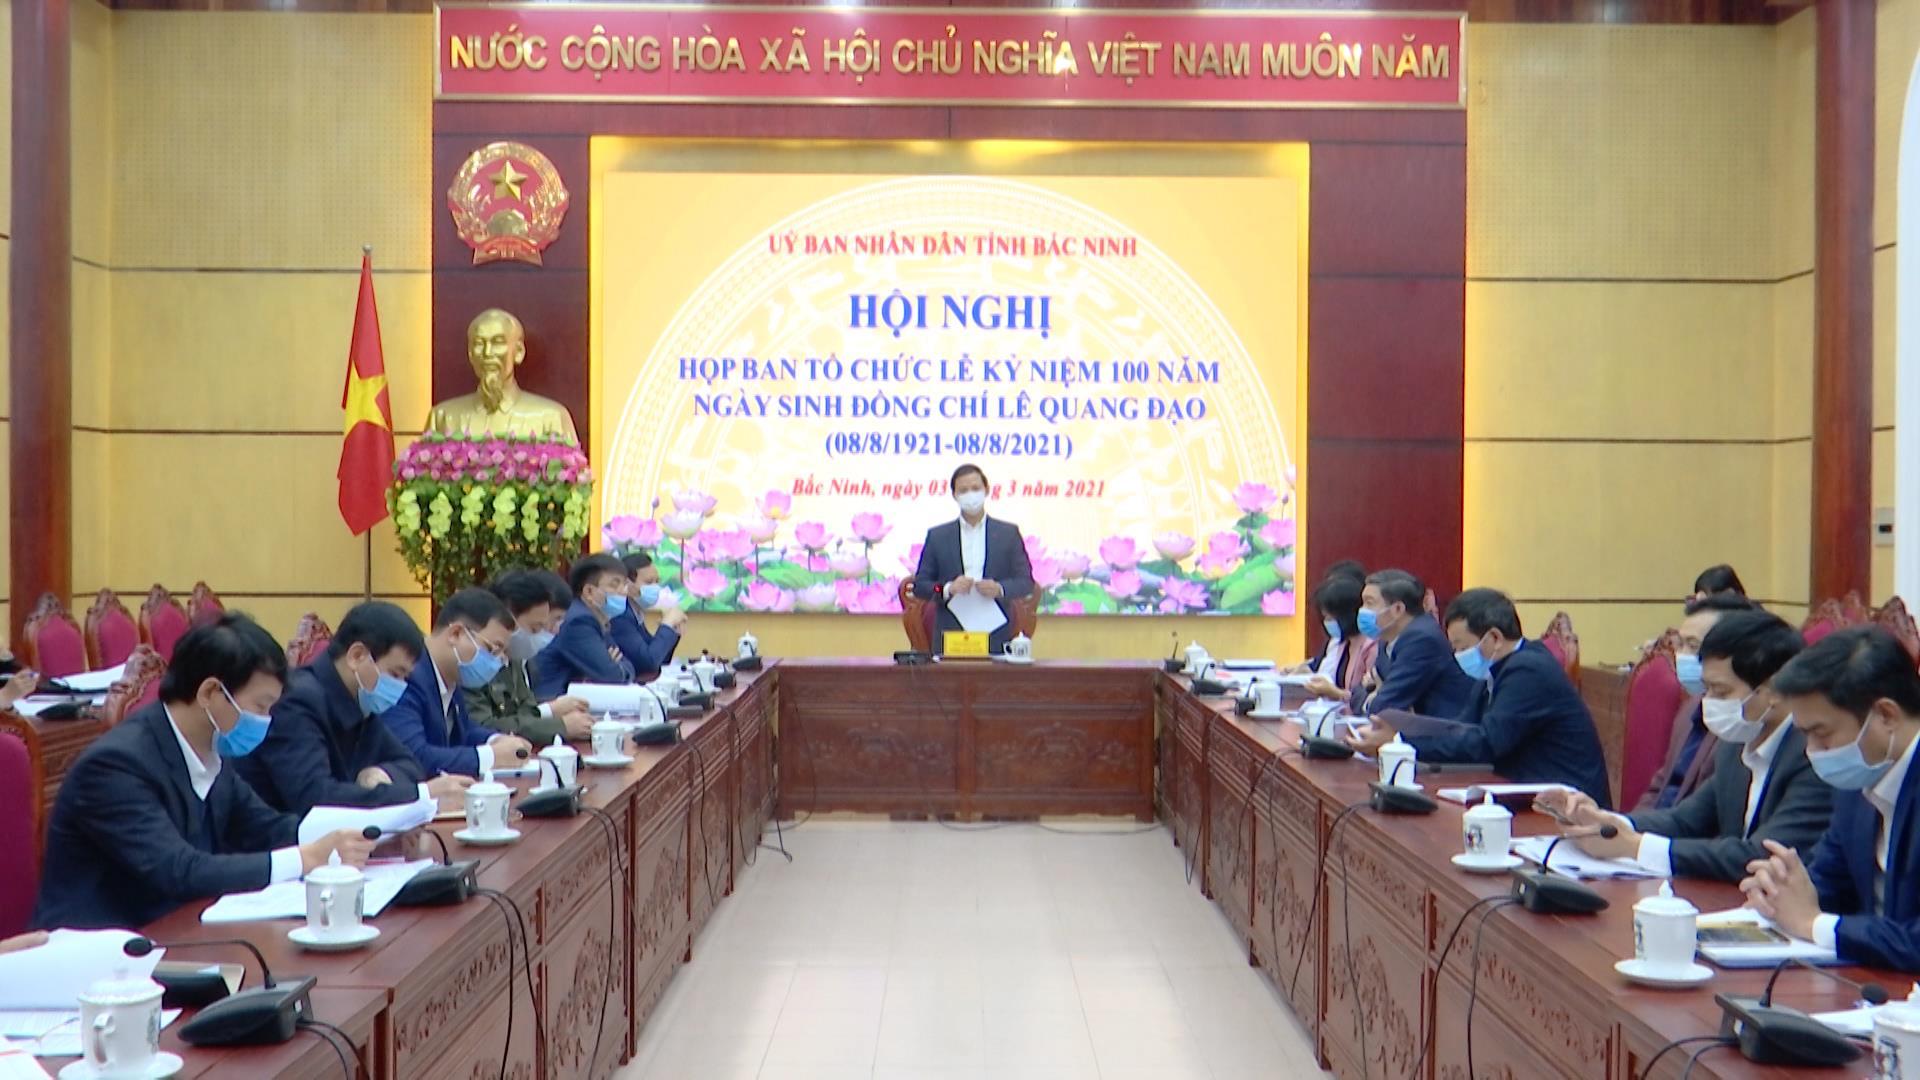 Họp Ban Tổ chức kỷ niệm 100 năm Ngày sinh đồng chí Lê Quang Đạo